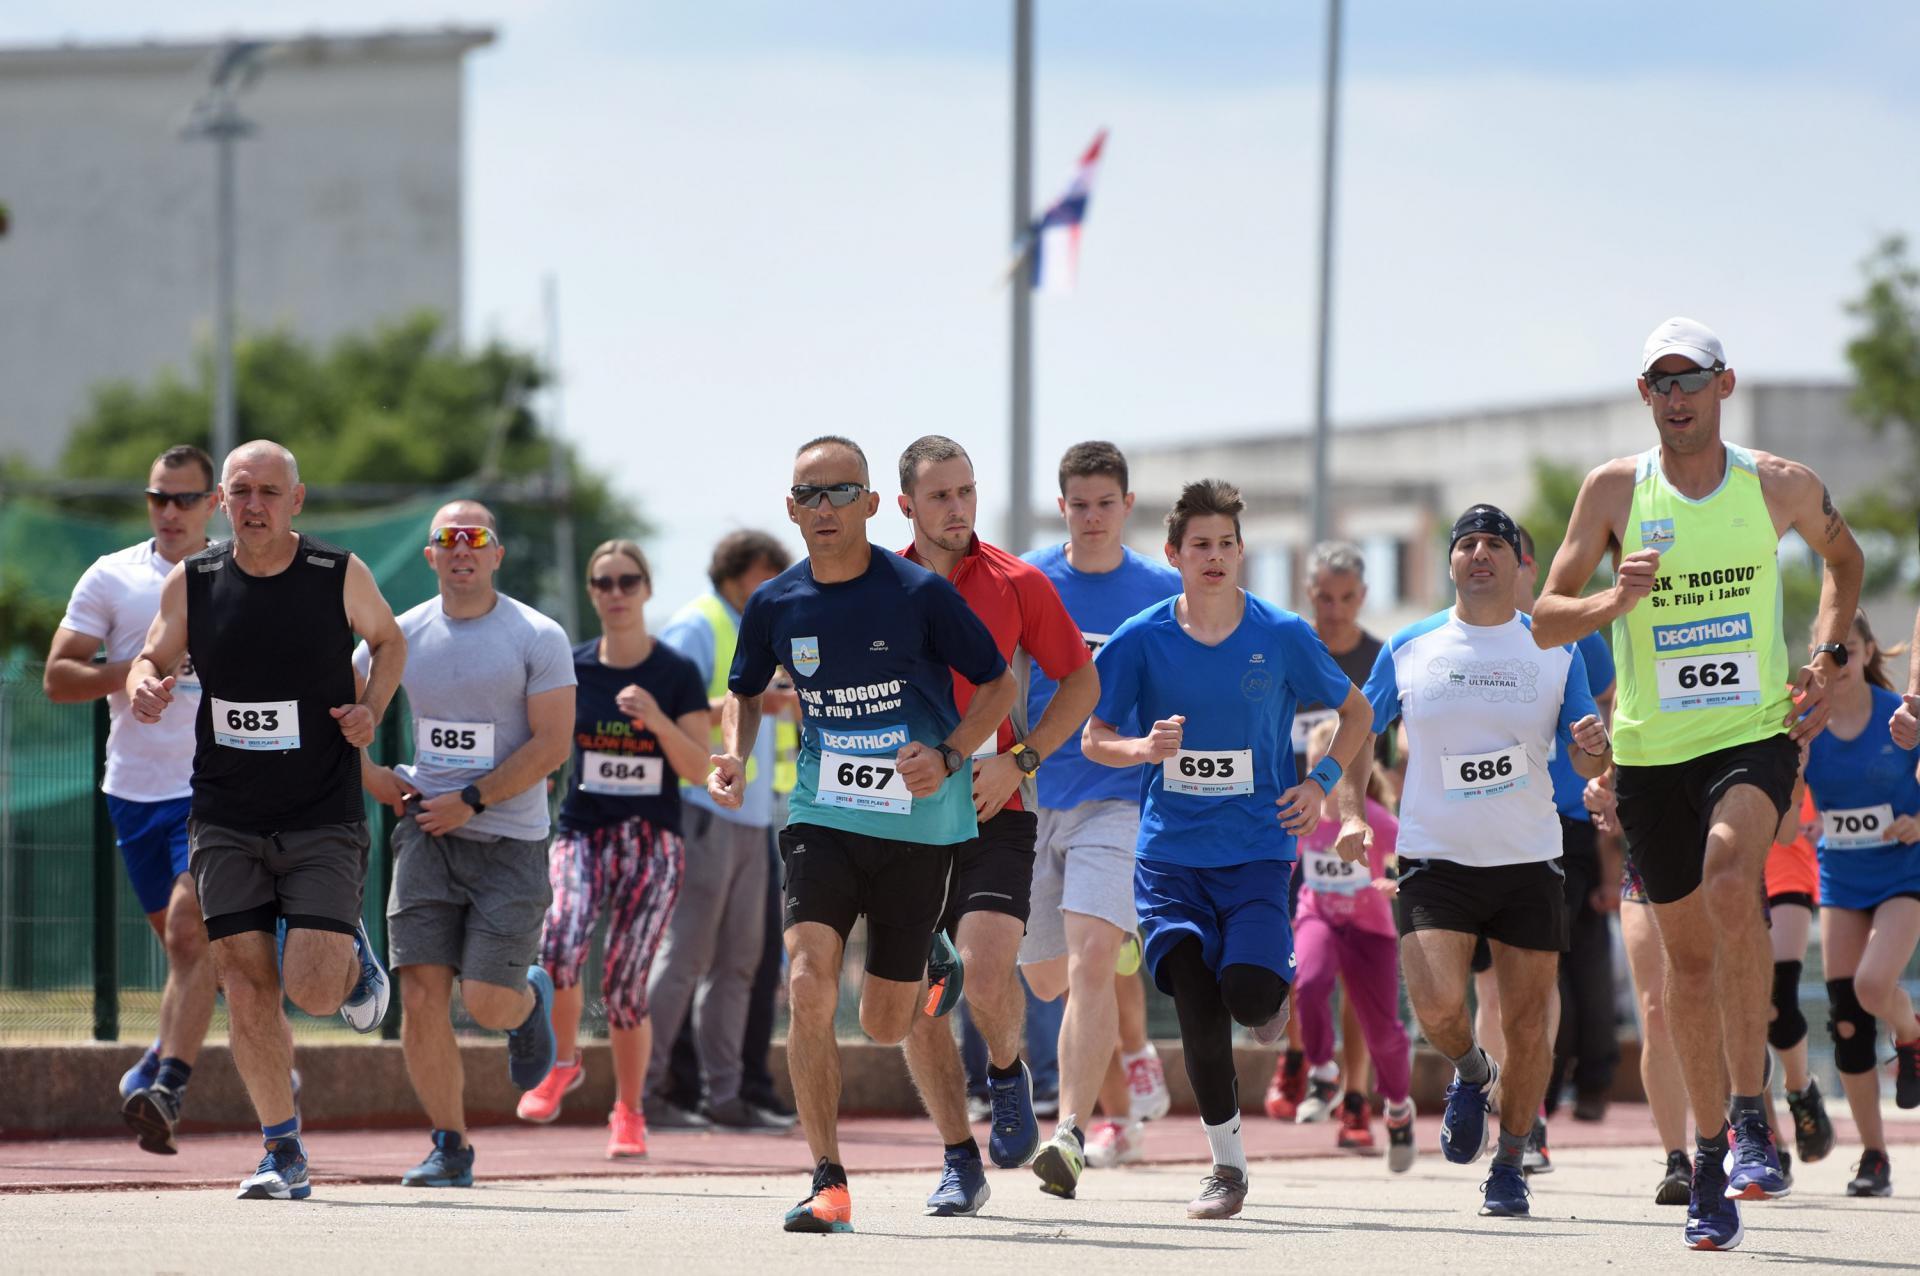 Trčali 5 kilometara za 30. godišnjicu Dana državnosti: evo tko je pobijedio...